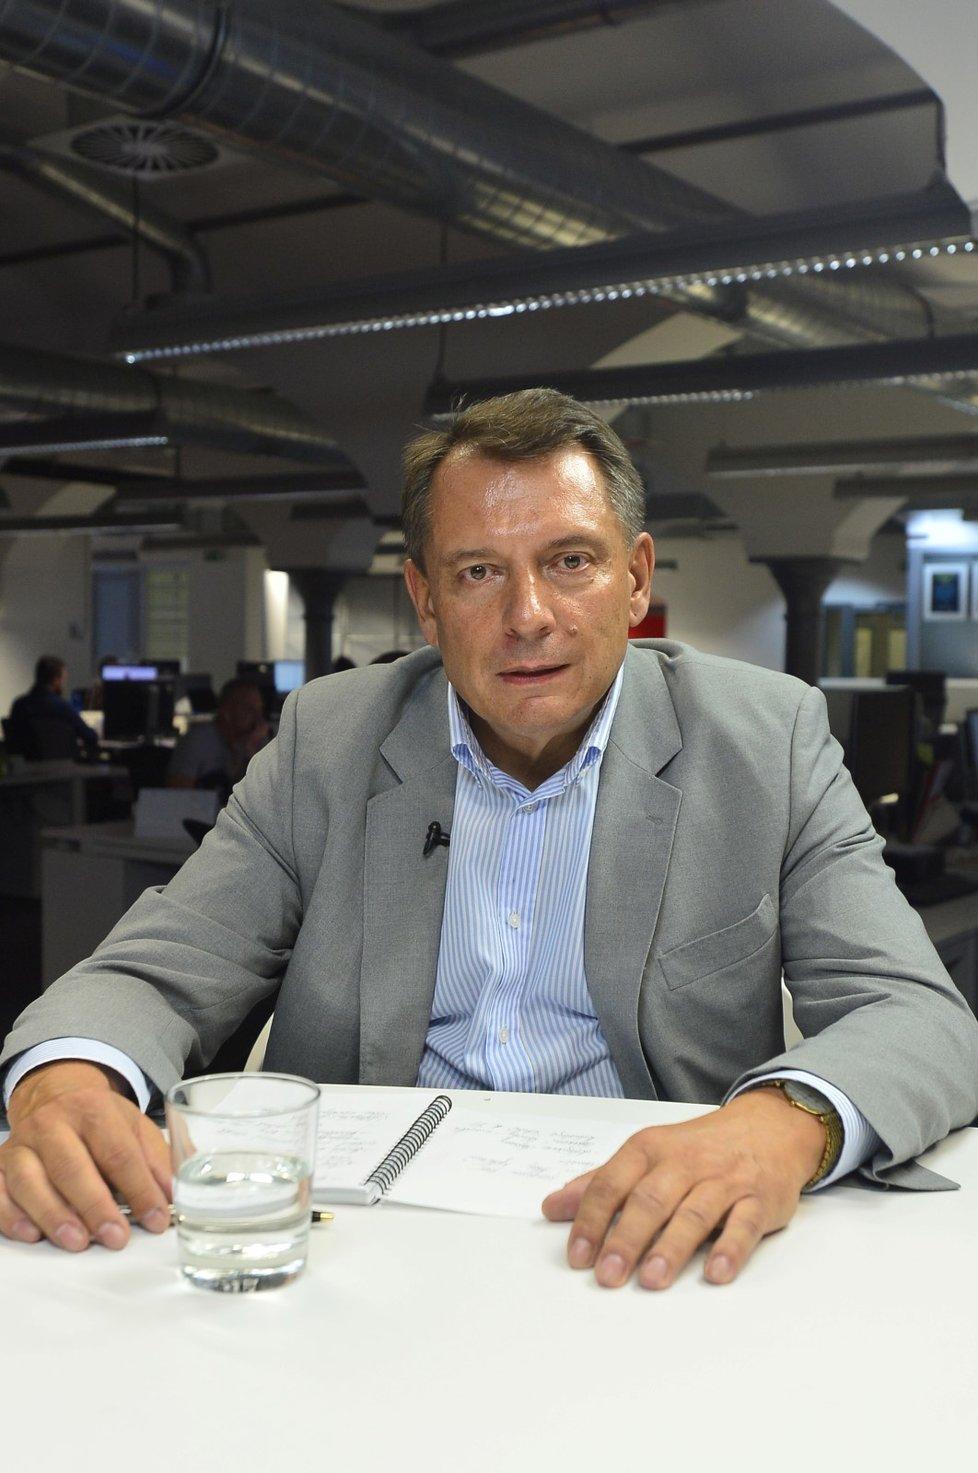 Expremiér a bývalý šéf ČSSD Paroubek o návratu do strany: Budu to znovu řešit po volbách. Nechce mě hlavně Praha 5, po hlasování si poměříme získané voliče